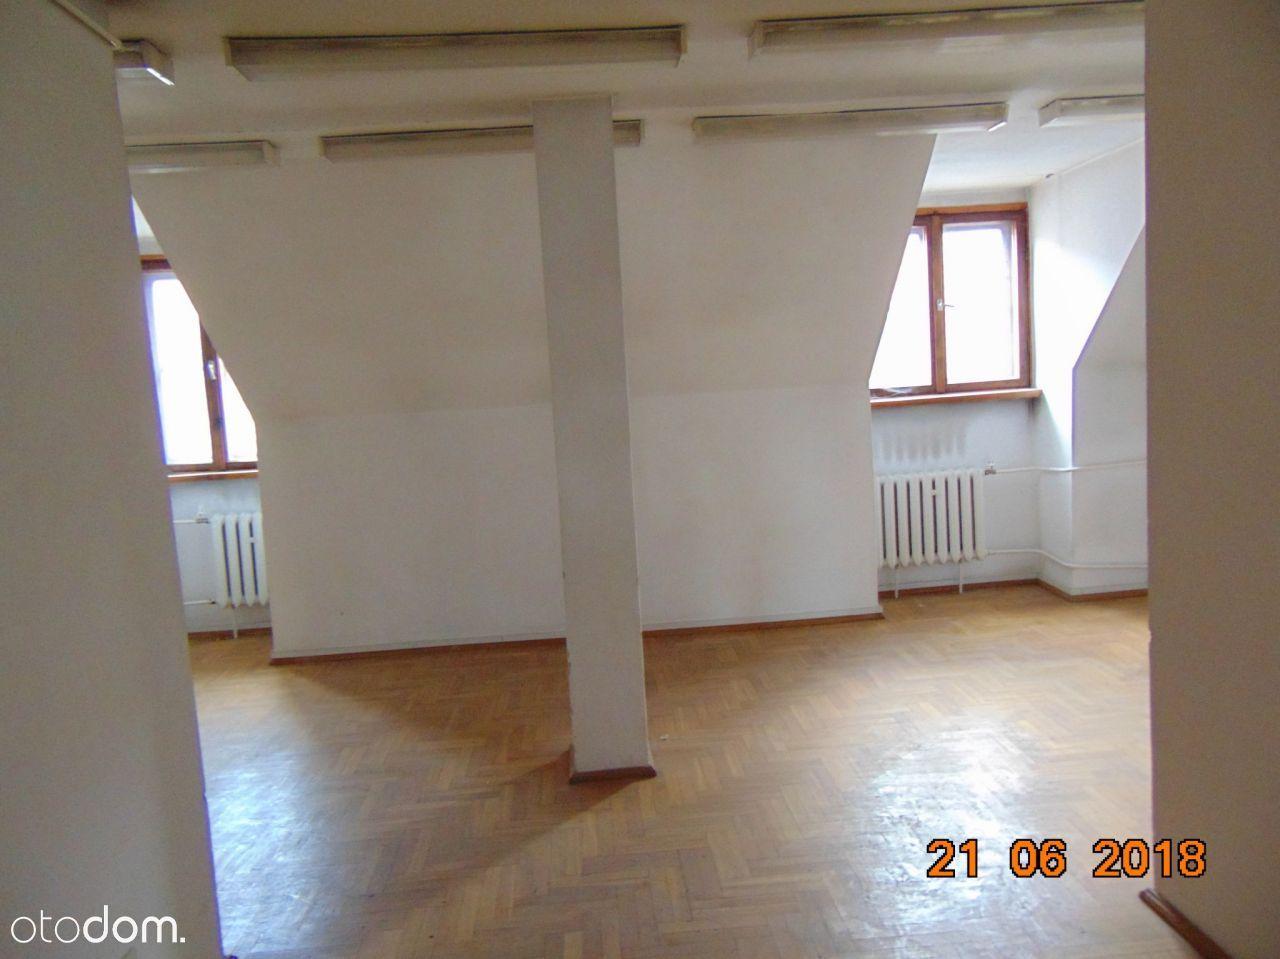 Lokal użytkowy na sprzedaż, Reszel, kętrzyński, warmińsko-mazurskie - Foto 8